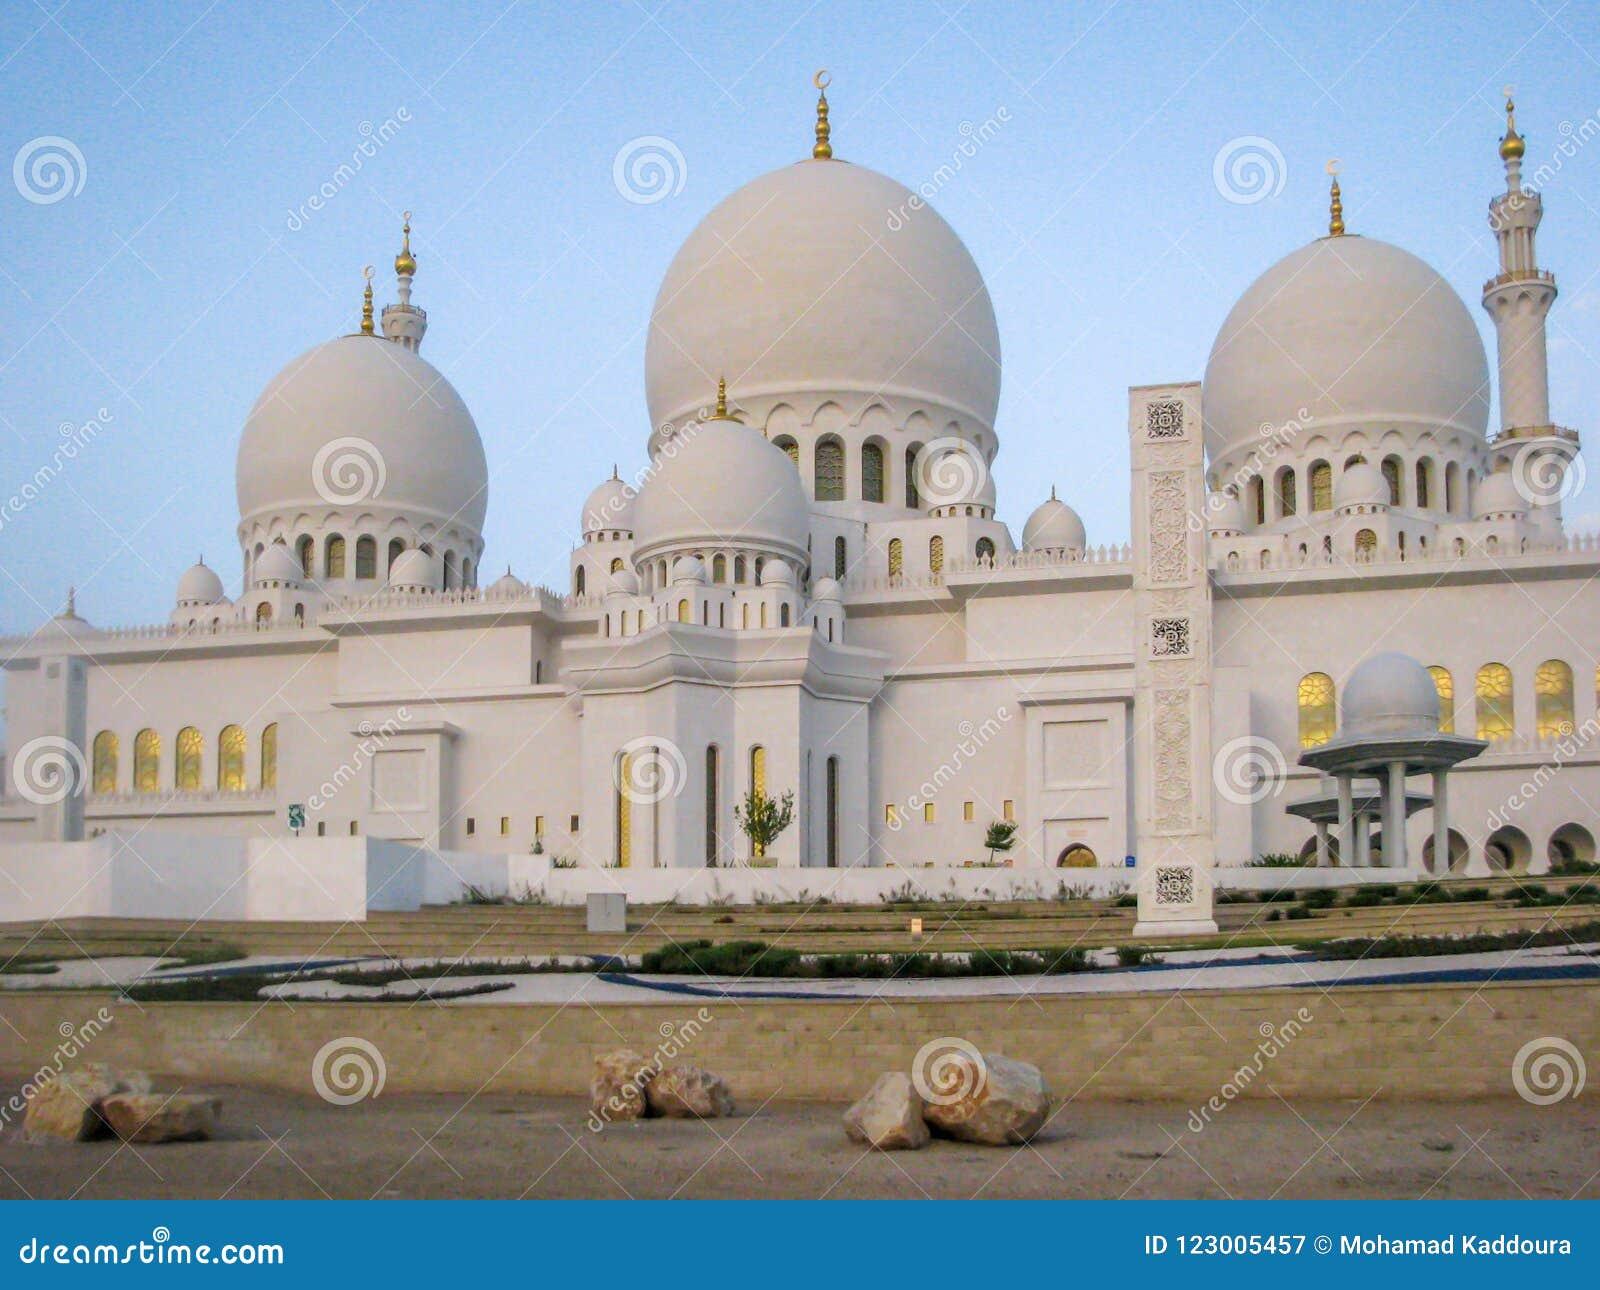 阿布扎比扎耶德回教族长清真寺,扎耶德Grand Mosque回教族长位于阿布扎比